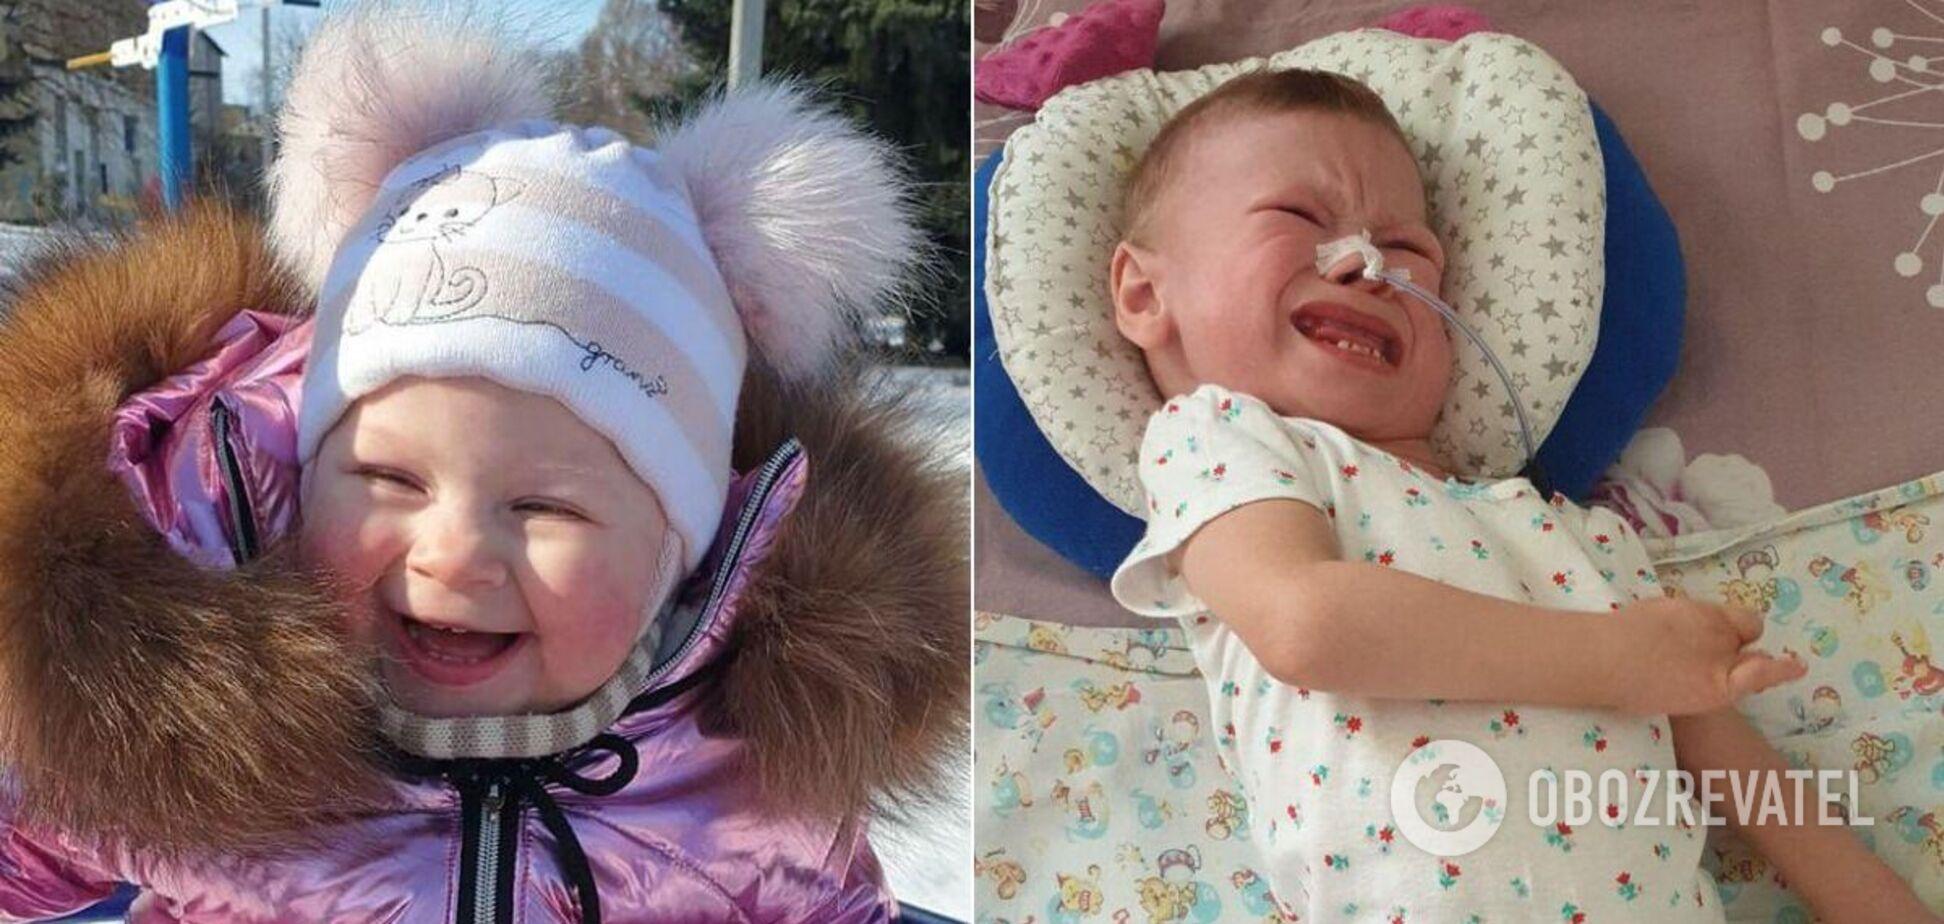 Отдали здорового ребенка – забрали инвалида: в Днепре родители обвинили врачей в халатности